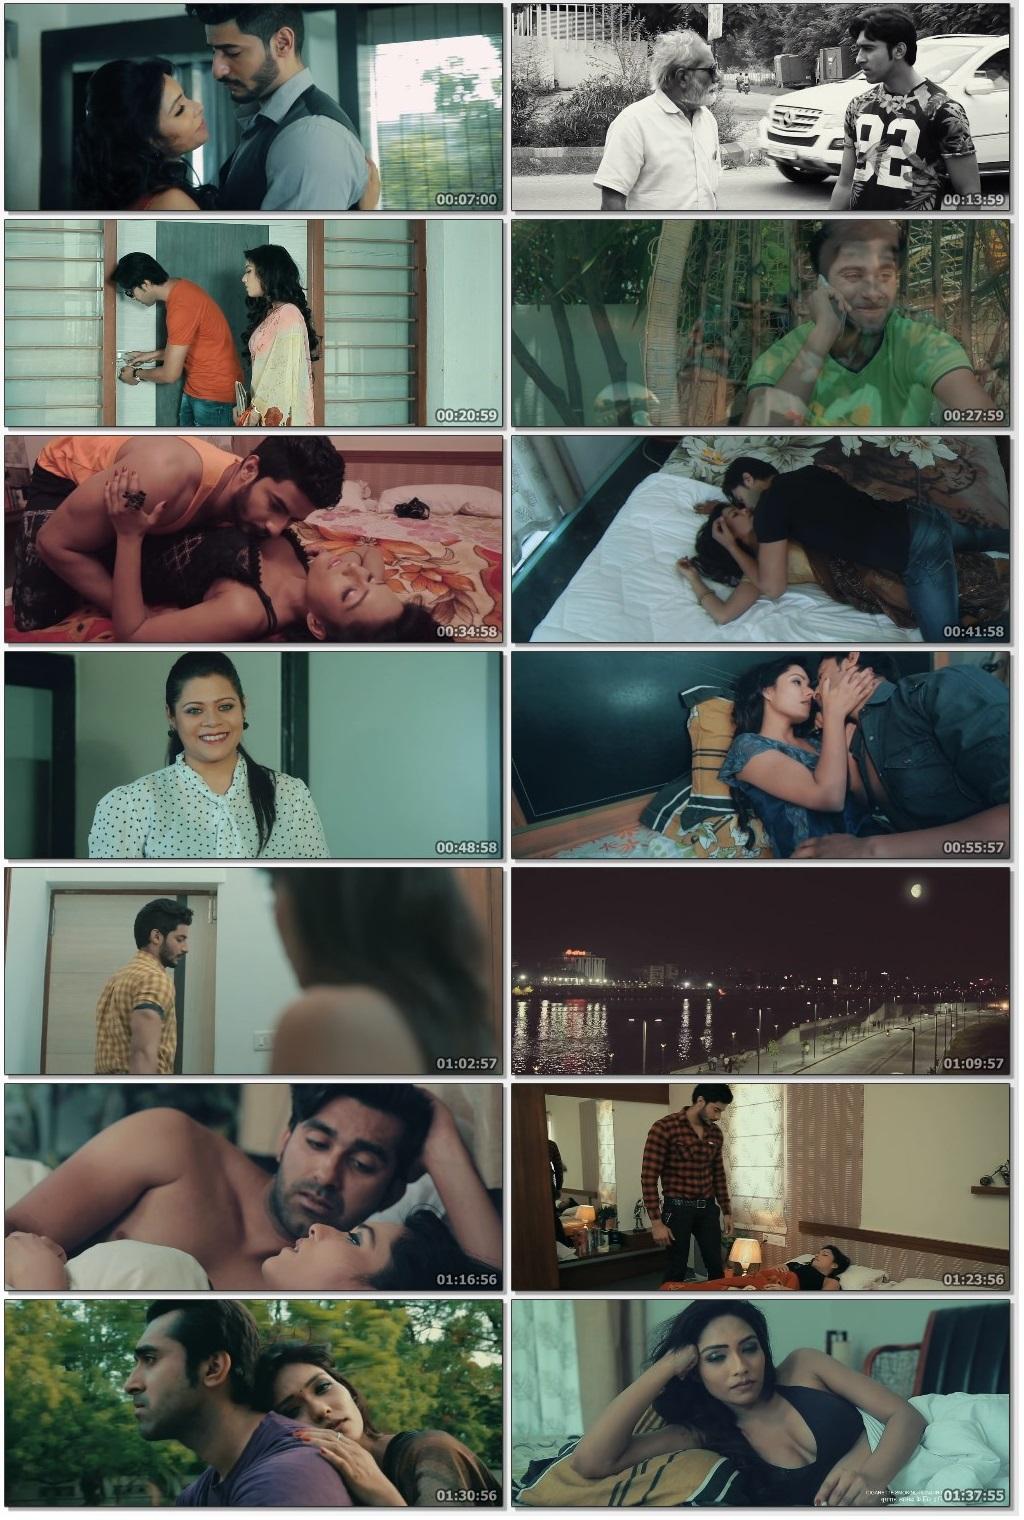 08adb251391bcb407b598e6bf473c8b6 Watch Online Kuch Pal Pyar Ke 2018 Full Hindi Movie Free Download HD 720P ESubs